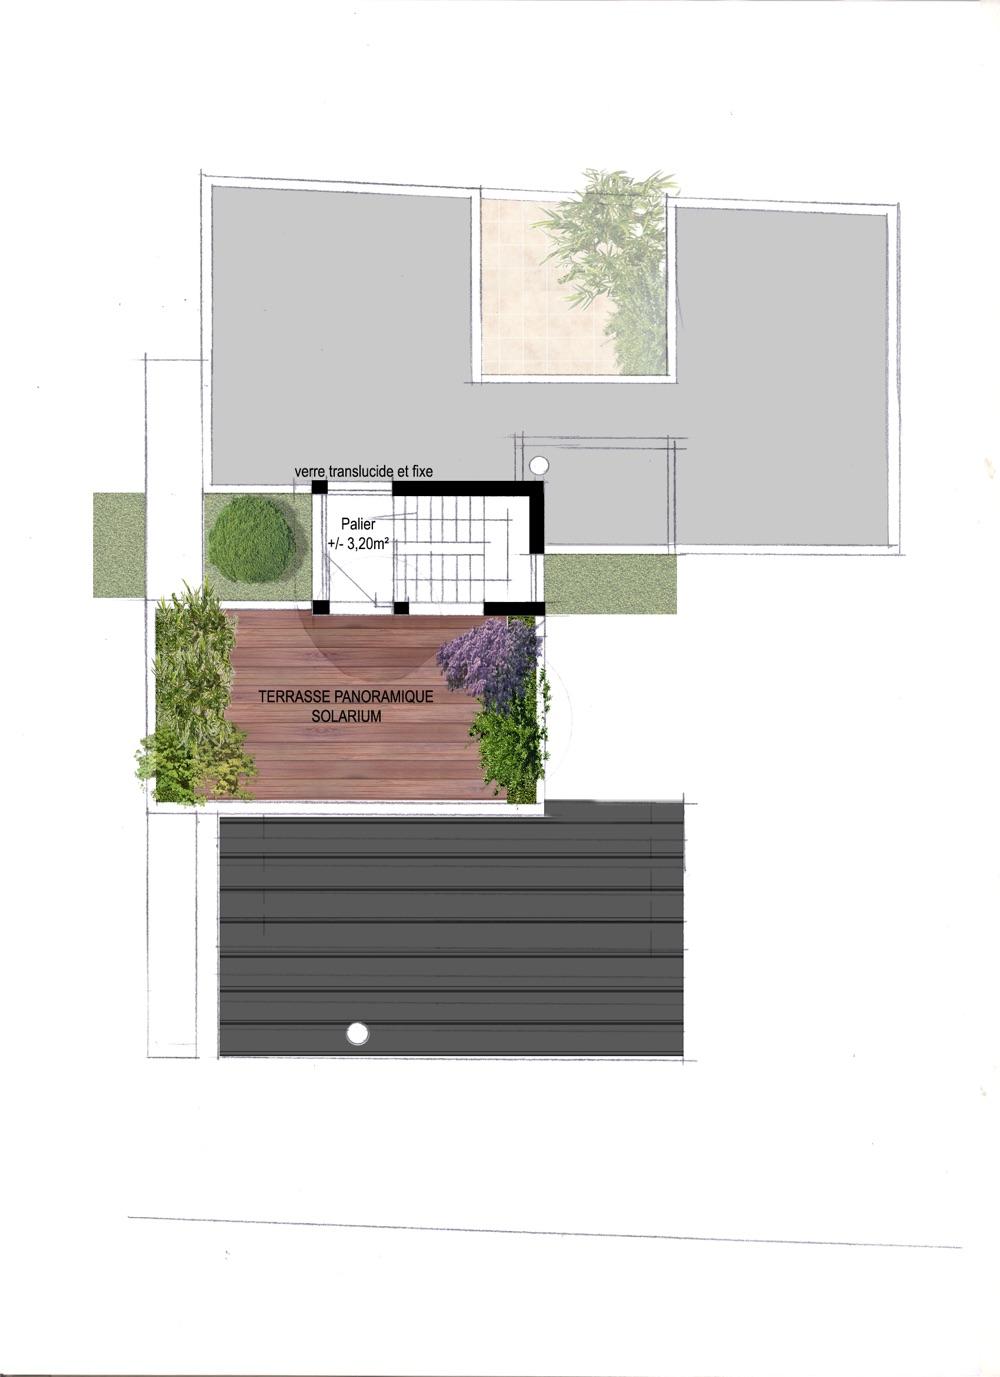 Plan intérieur d'une maison moderne